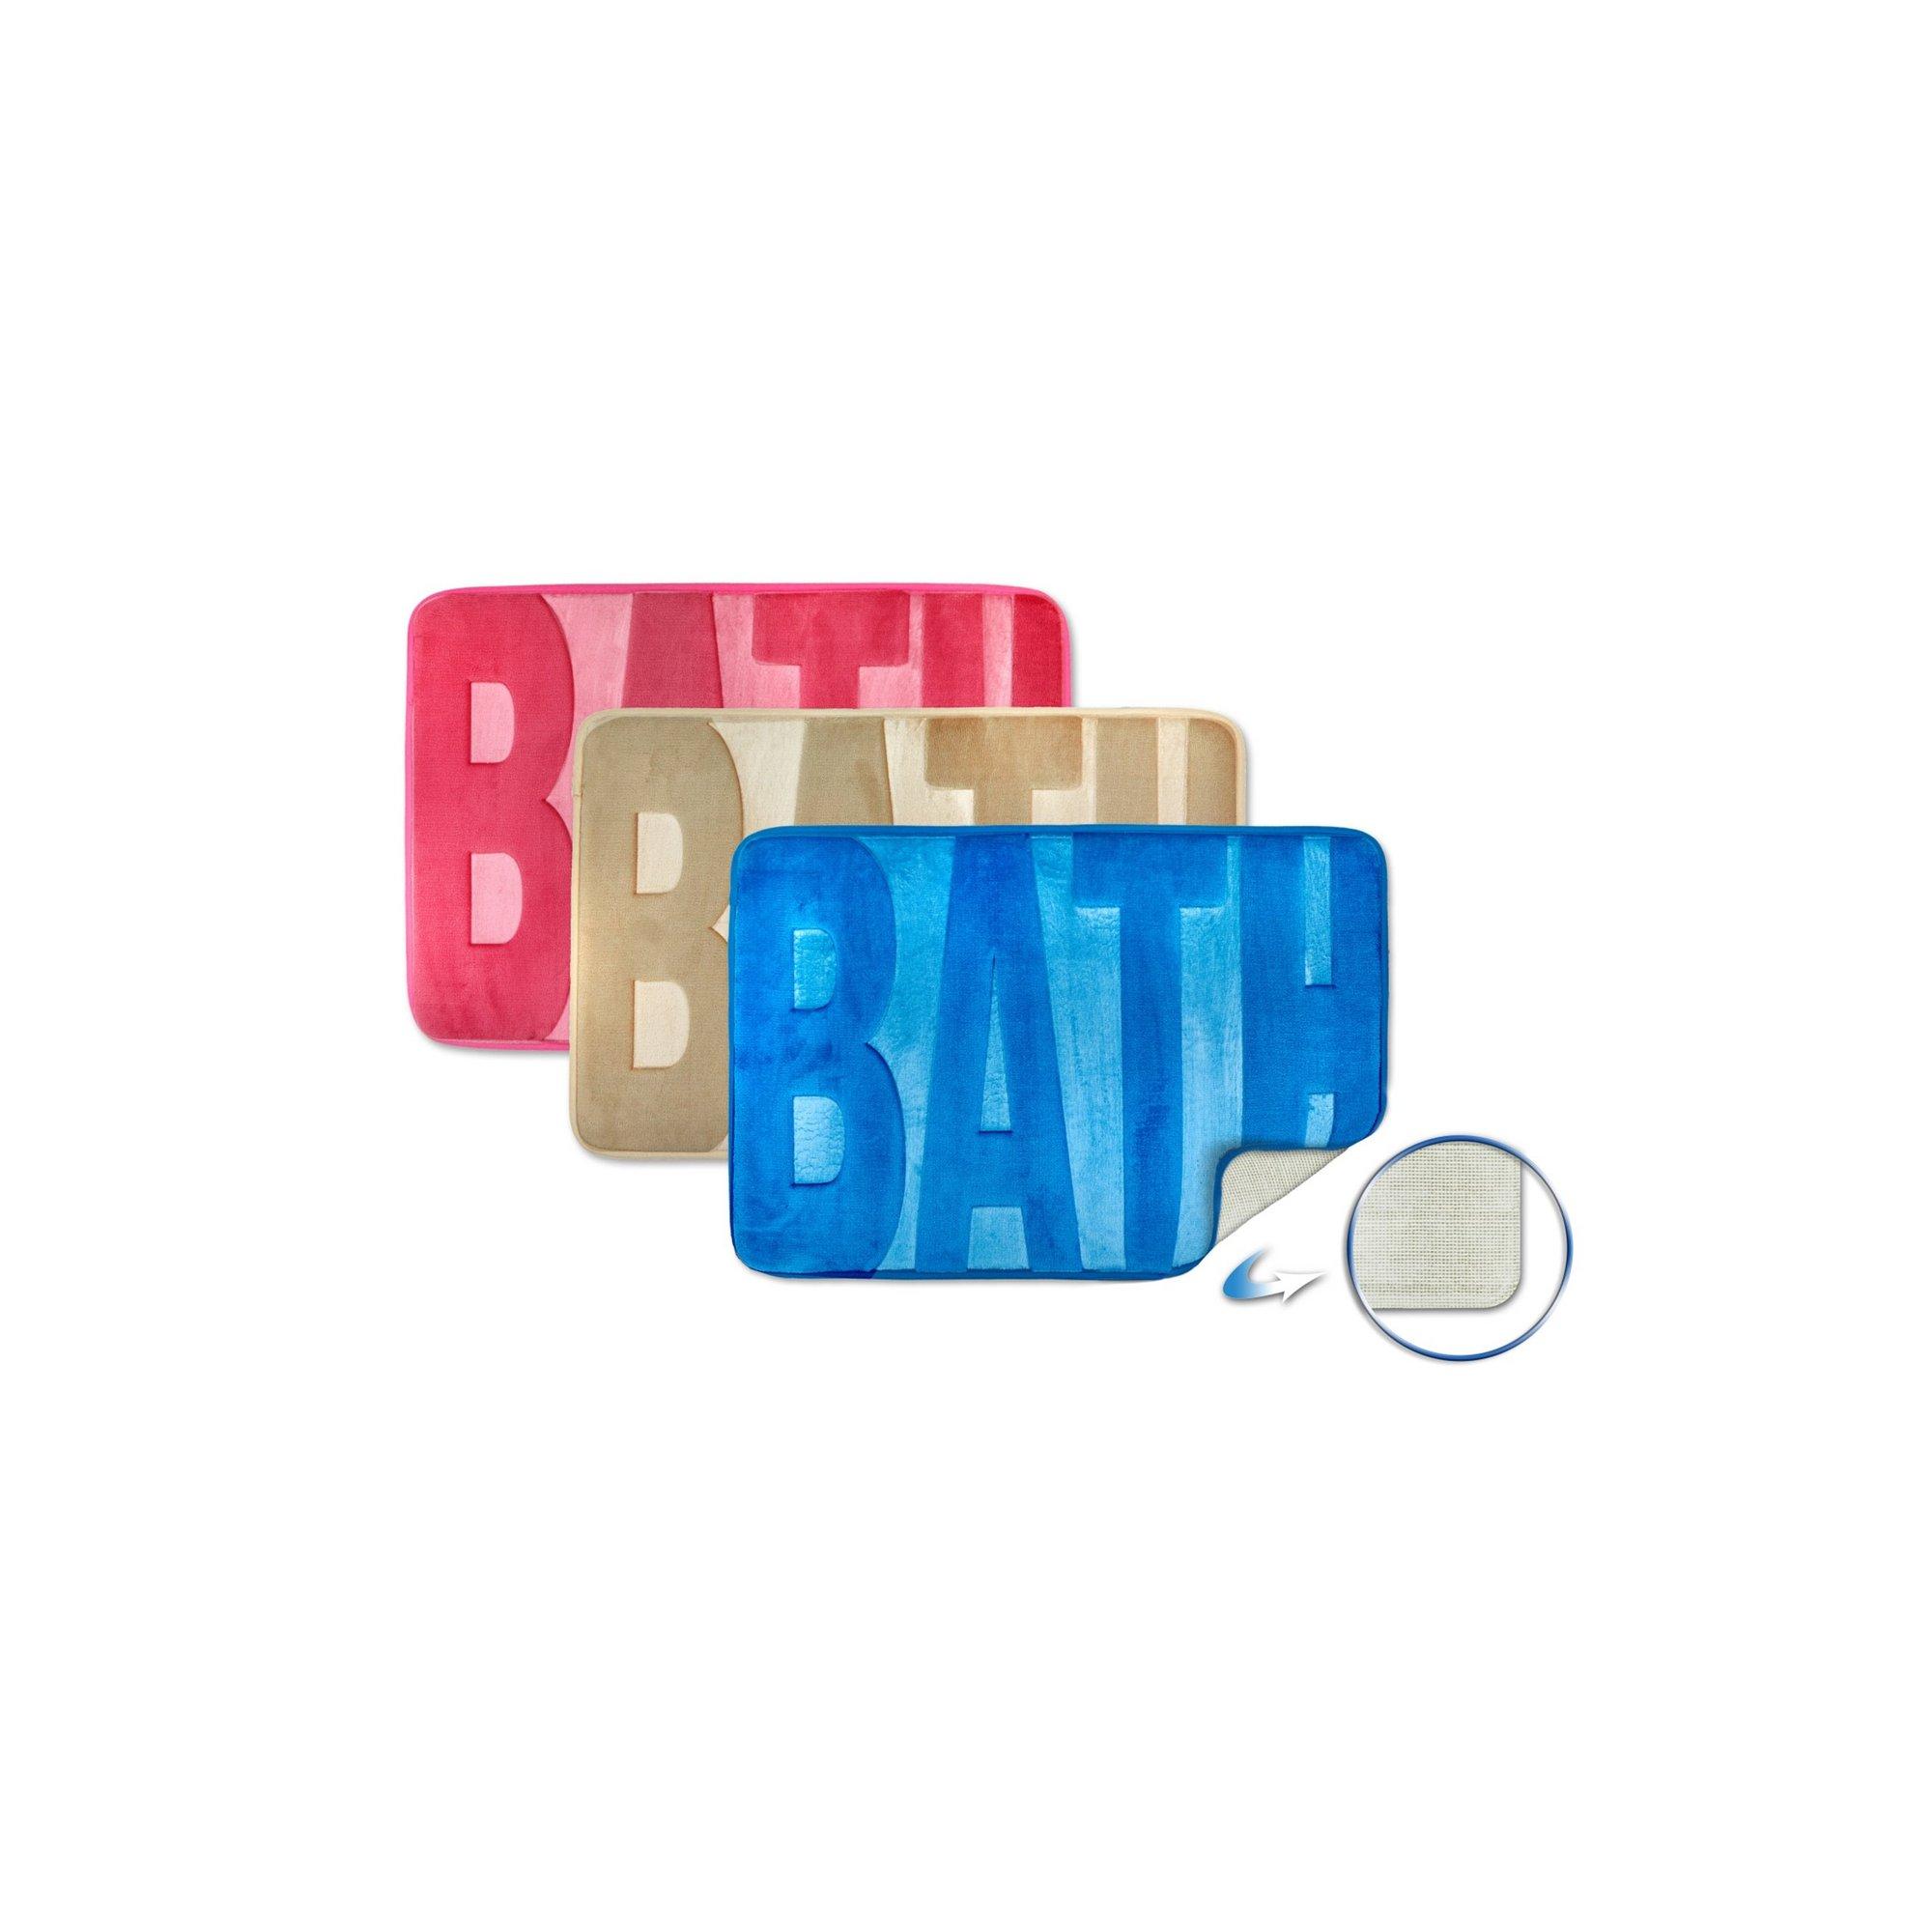 Image of Bath Embossed Memory Foam Bathmat